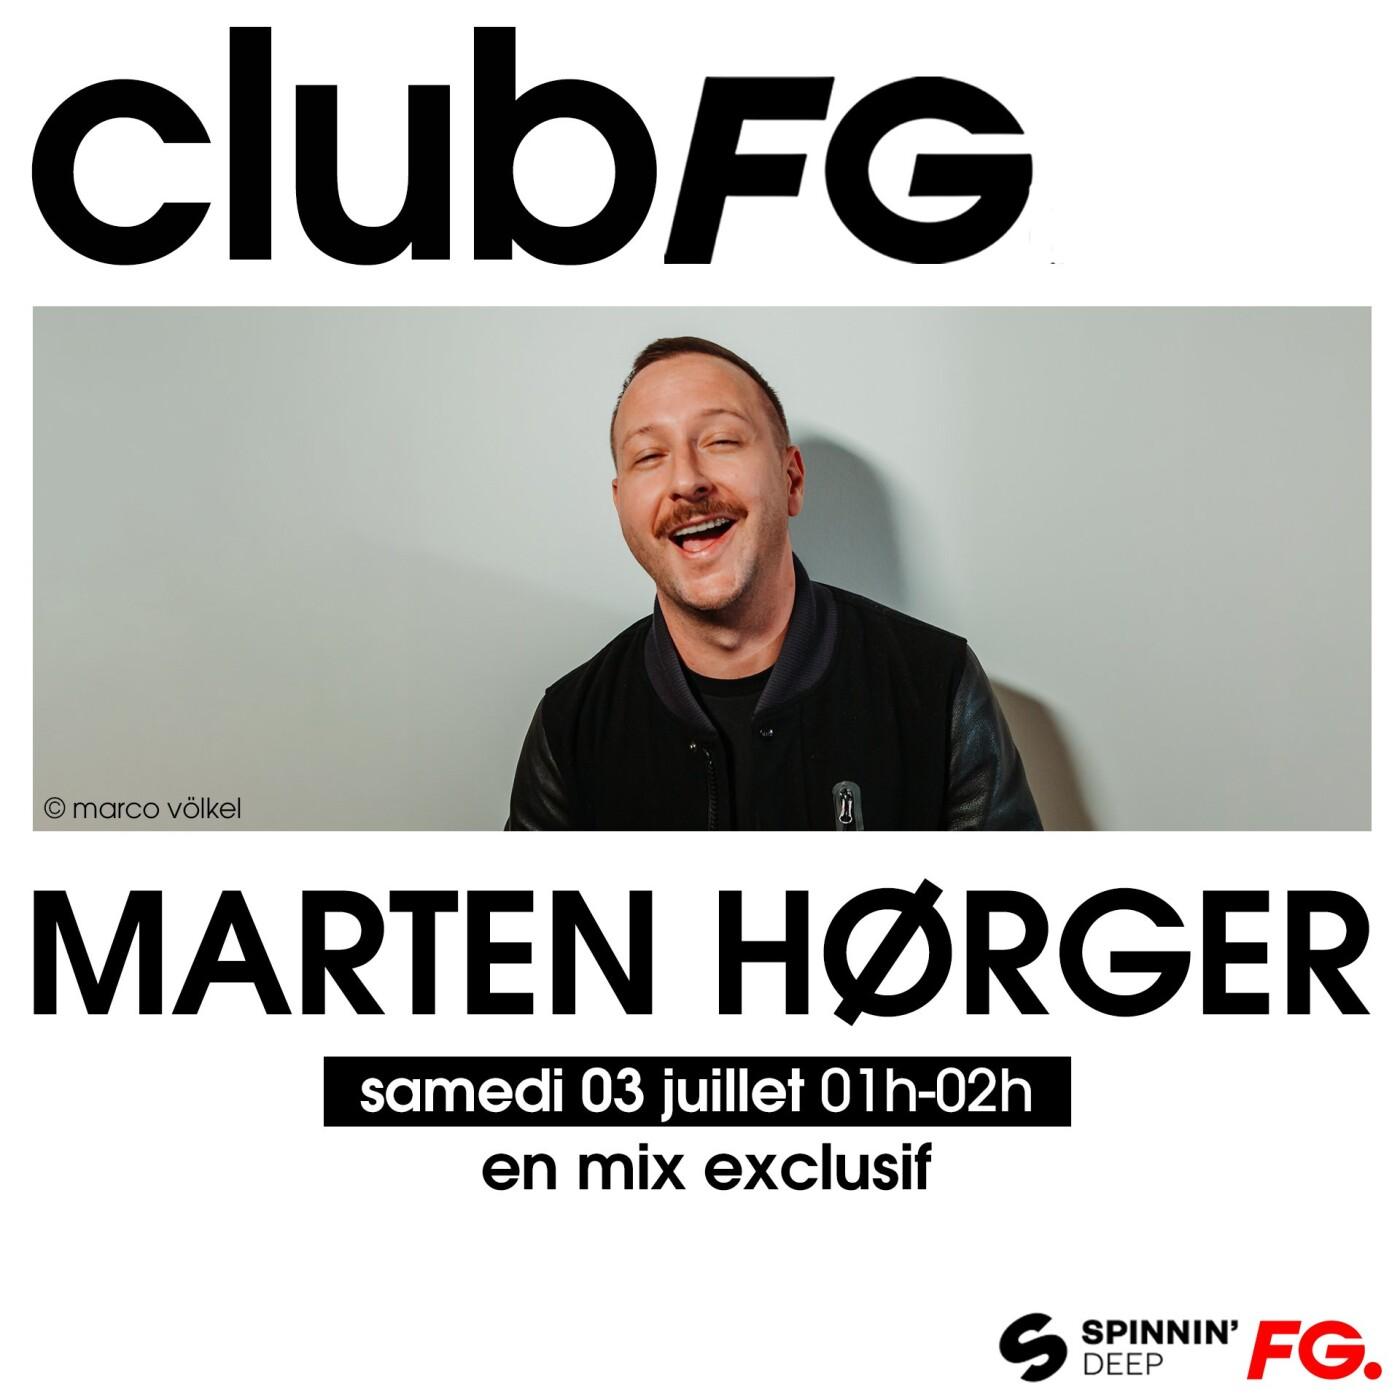 CLUB FG : MARTIN HORGER